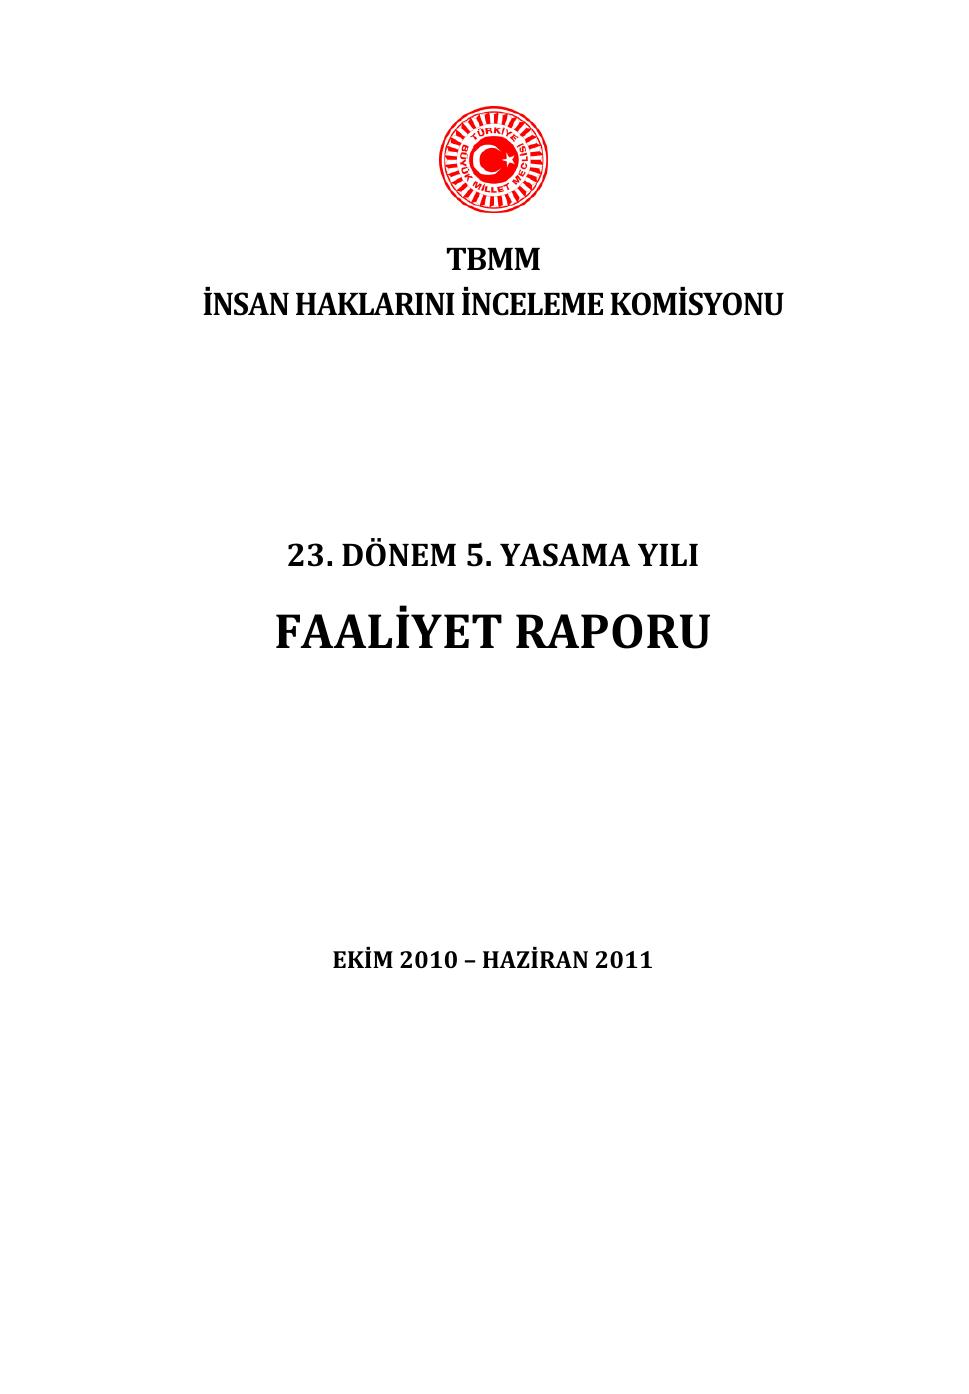 Rus et üreticileri: Türkiyeye ihracatın önündeki engellerin kalkması Türk tarafının iyi niyetine bağlı 53